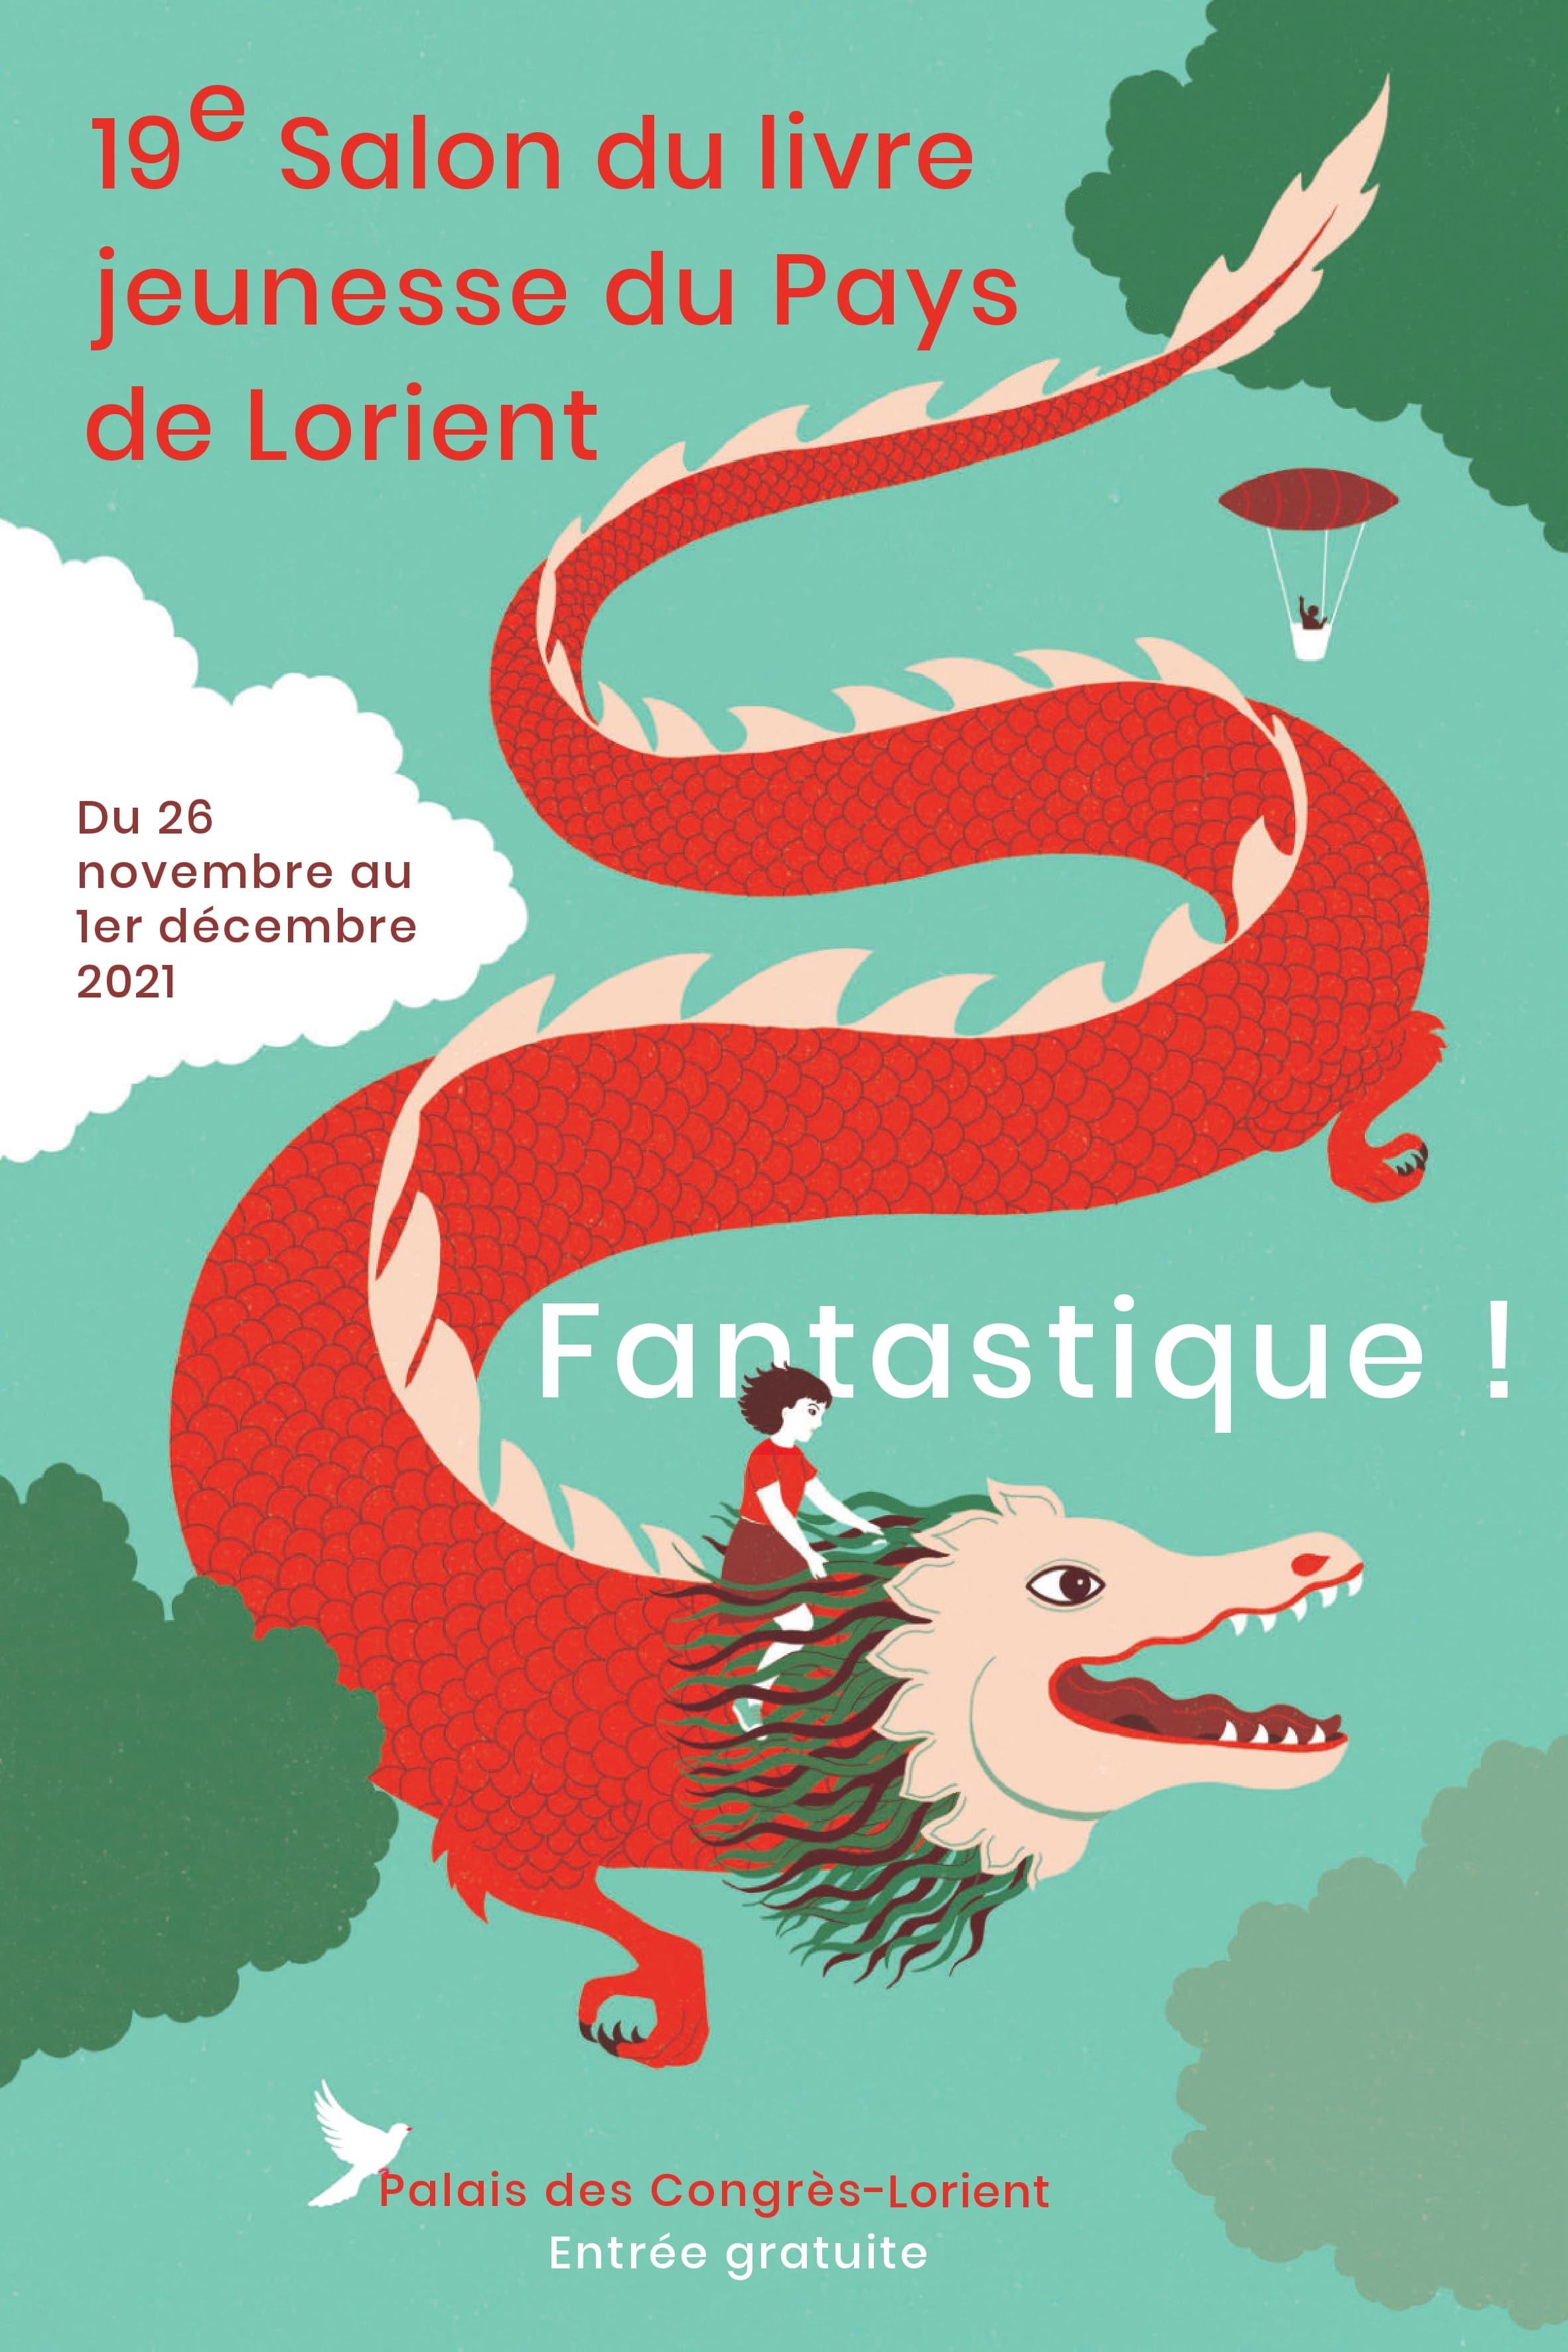 19e Salon du livre jeunesse du Pays de Lorient